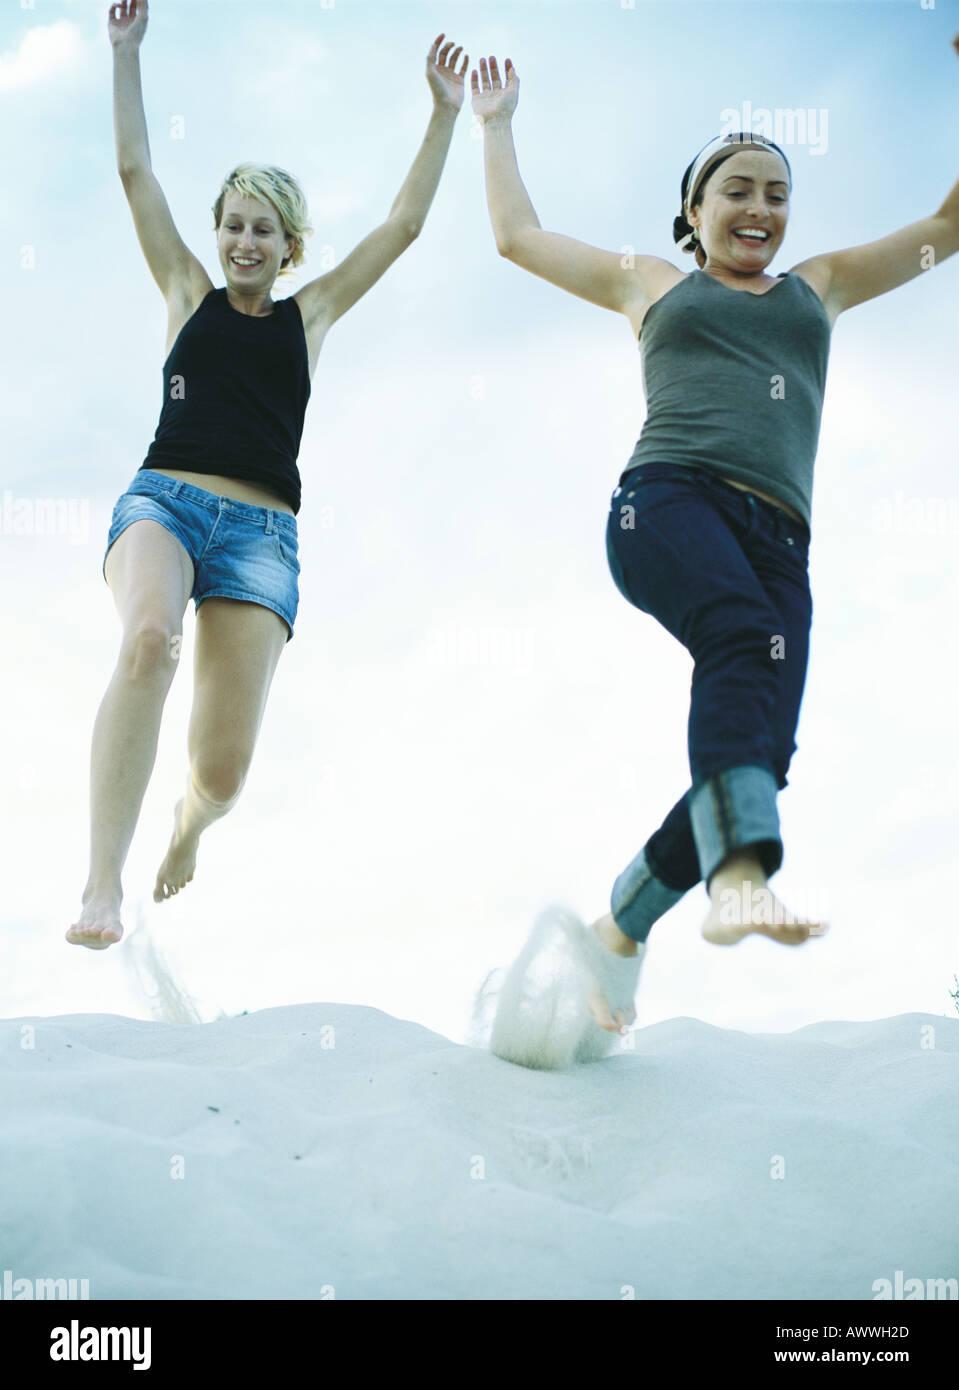 Frauen springen auf Sand, niedrigen Winkel Ansicht Stockbild